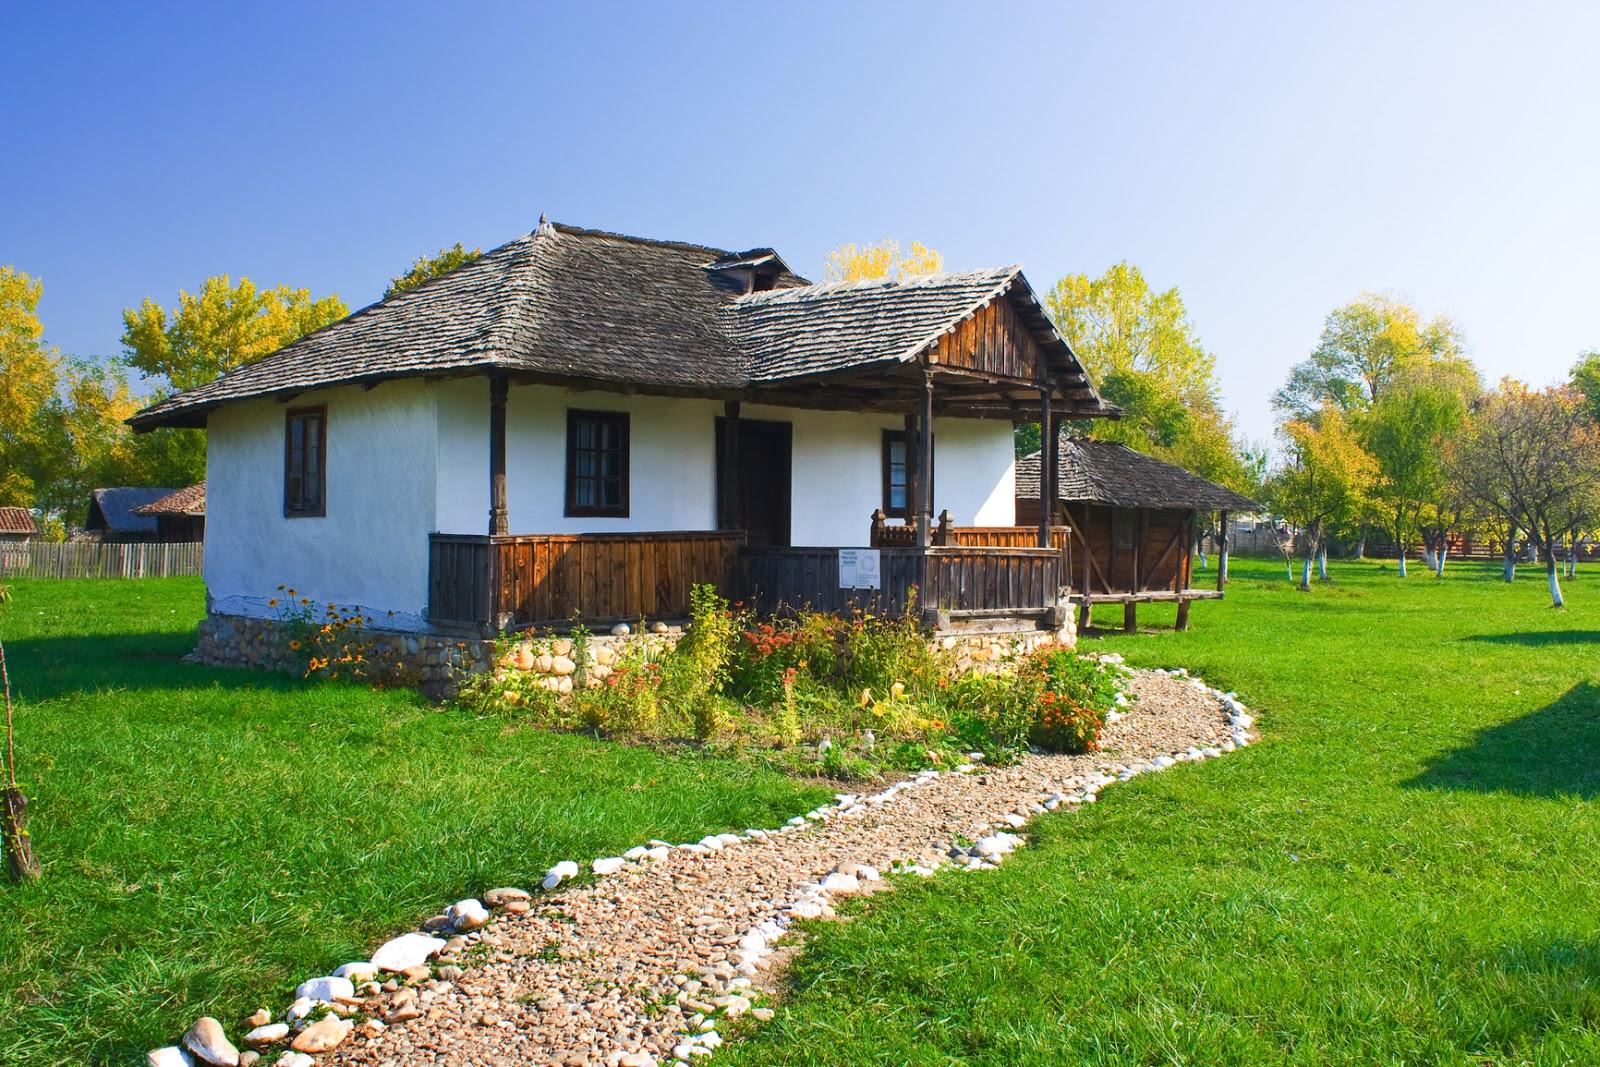 Banco de im genes 20 fotos recientes de paisajes for Casas modernas rurales